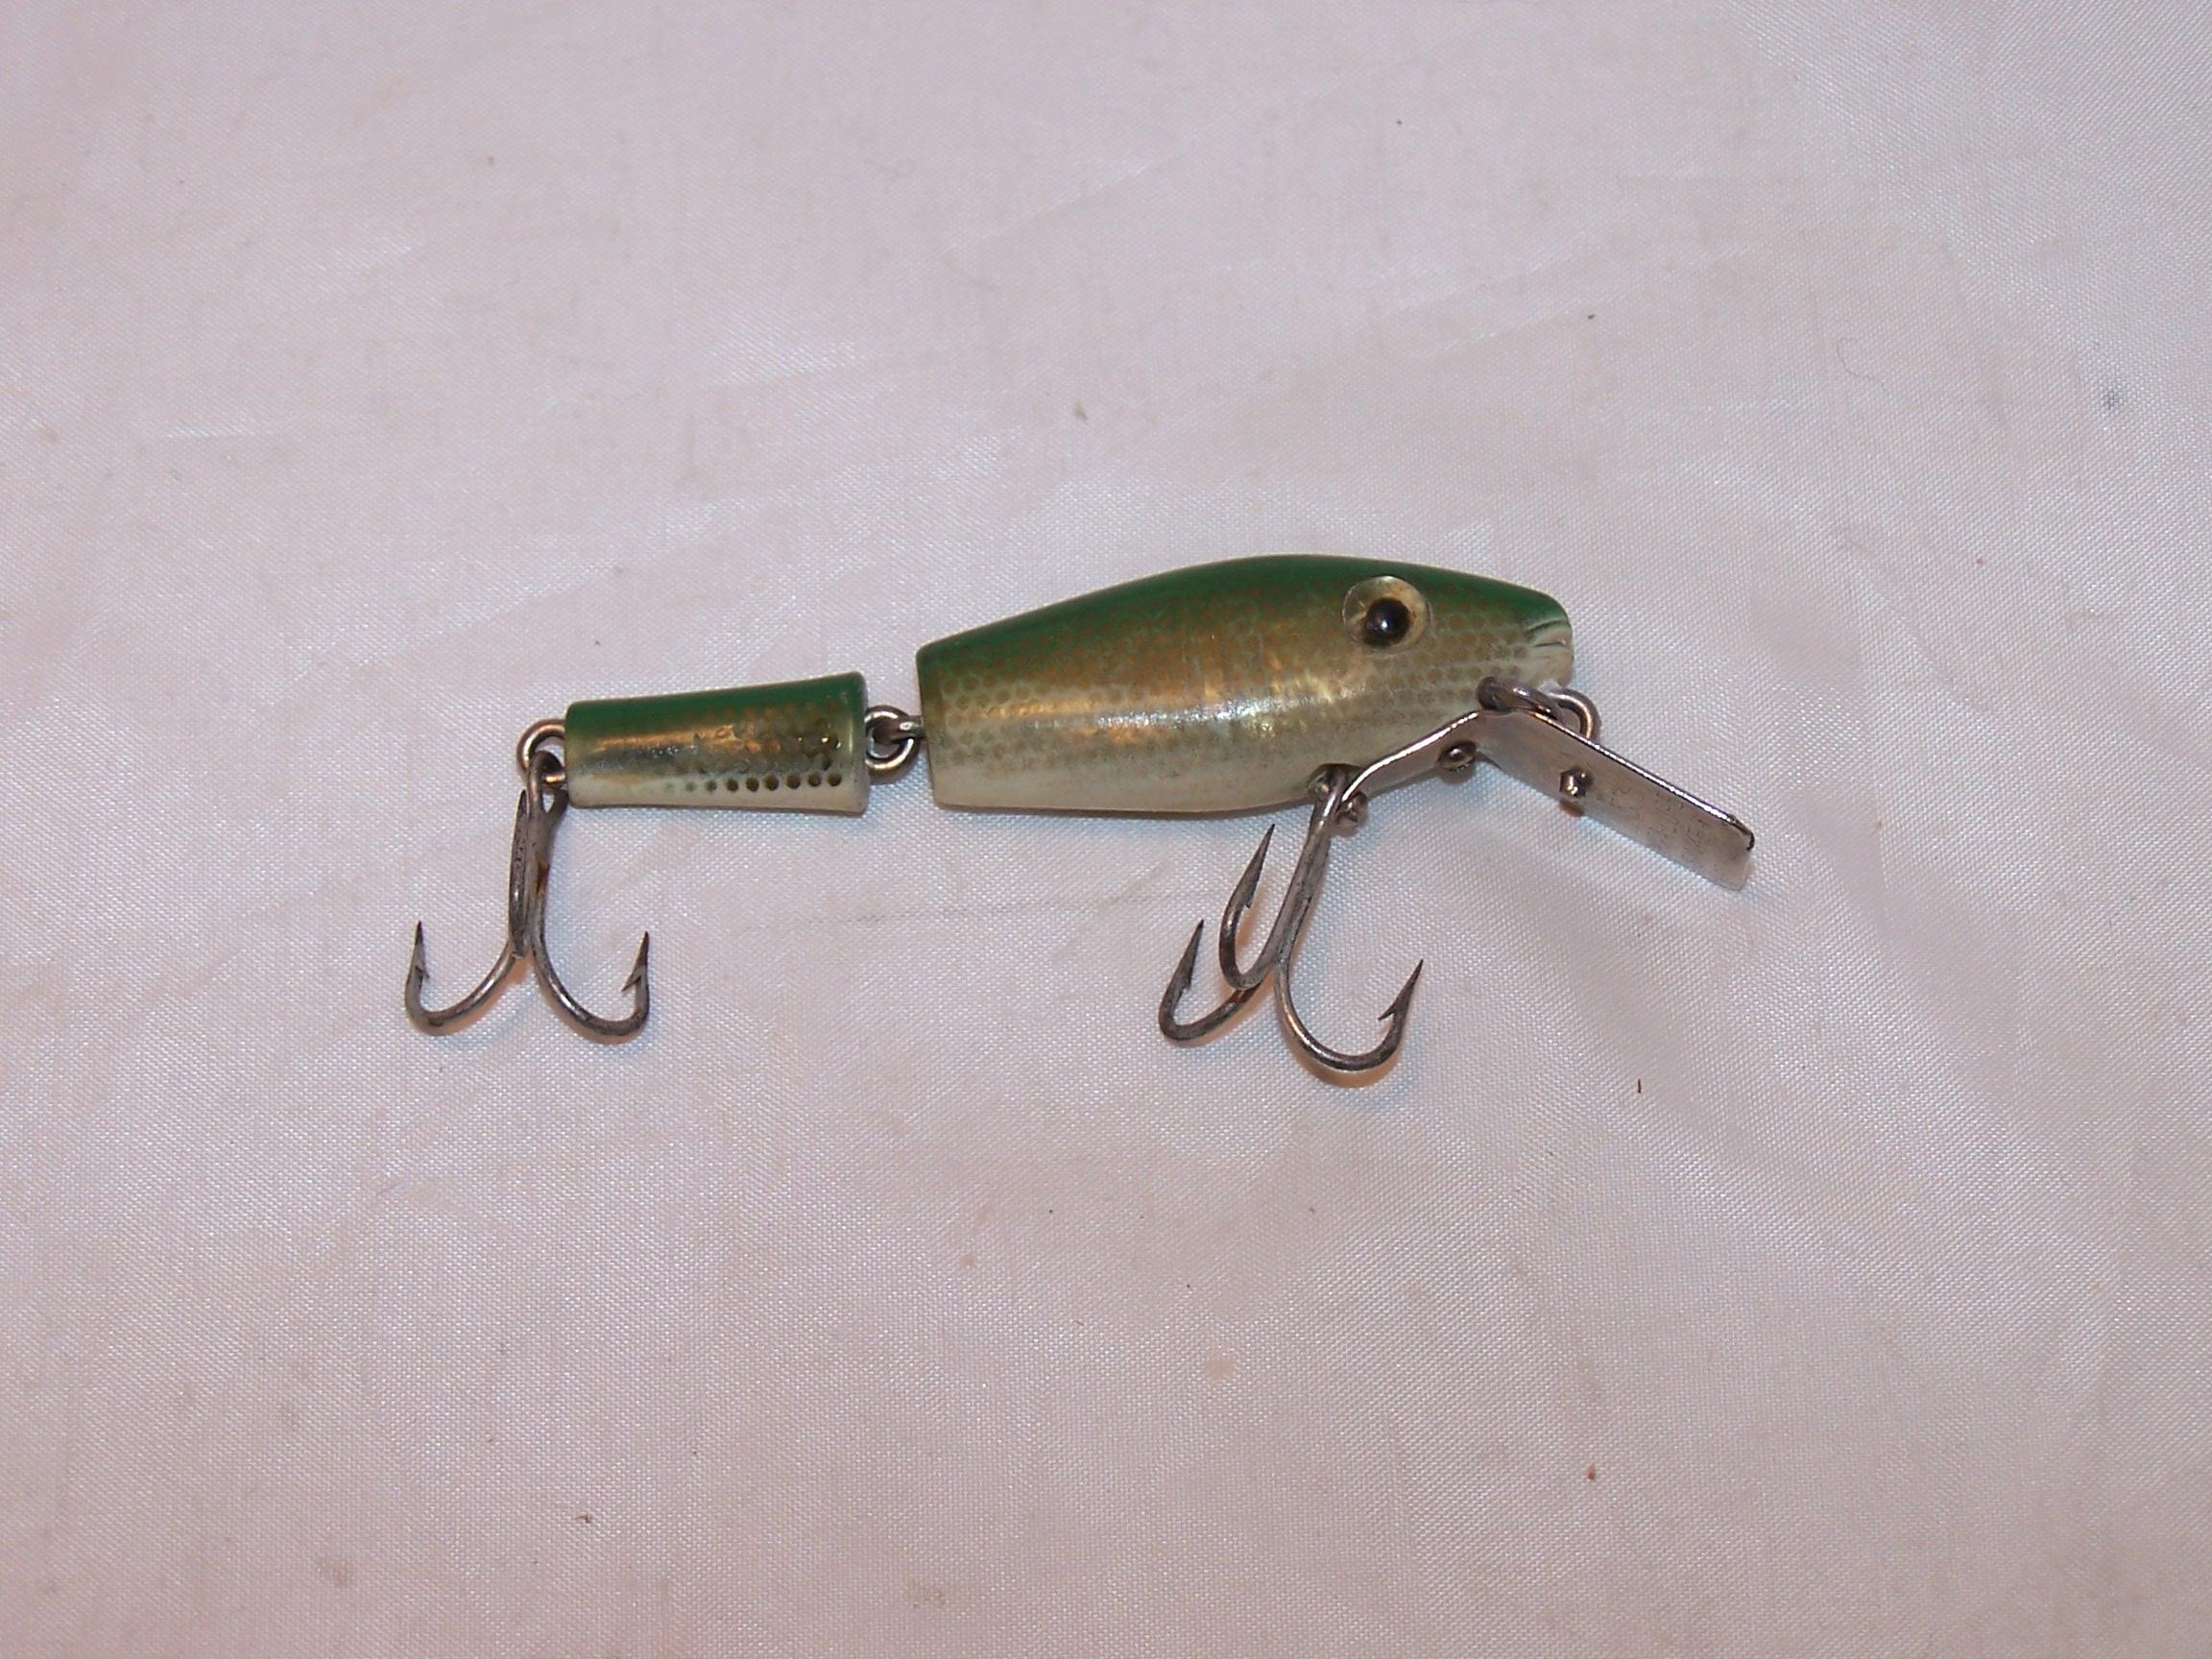 Image 1 of LS Panfish Master Fishing Lure, 0011, Vintage w Box